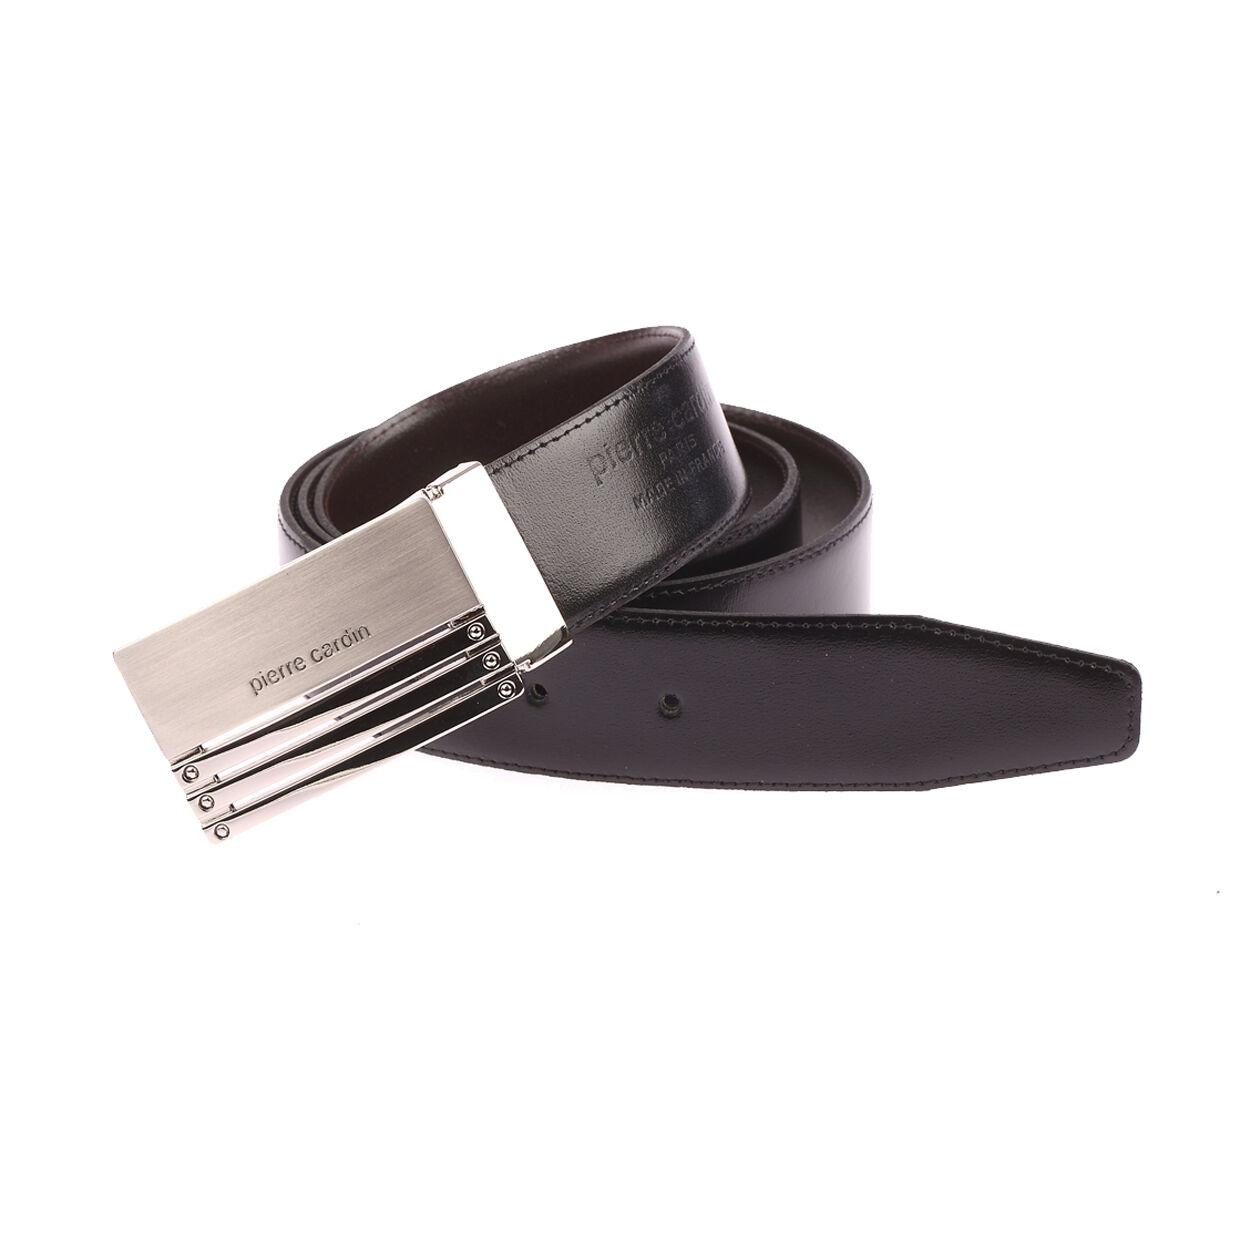 Pierre Cardin Accessoires Ceinture Pierre Cardin ajustable noire réversible marron à boucle pleine design